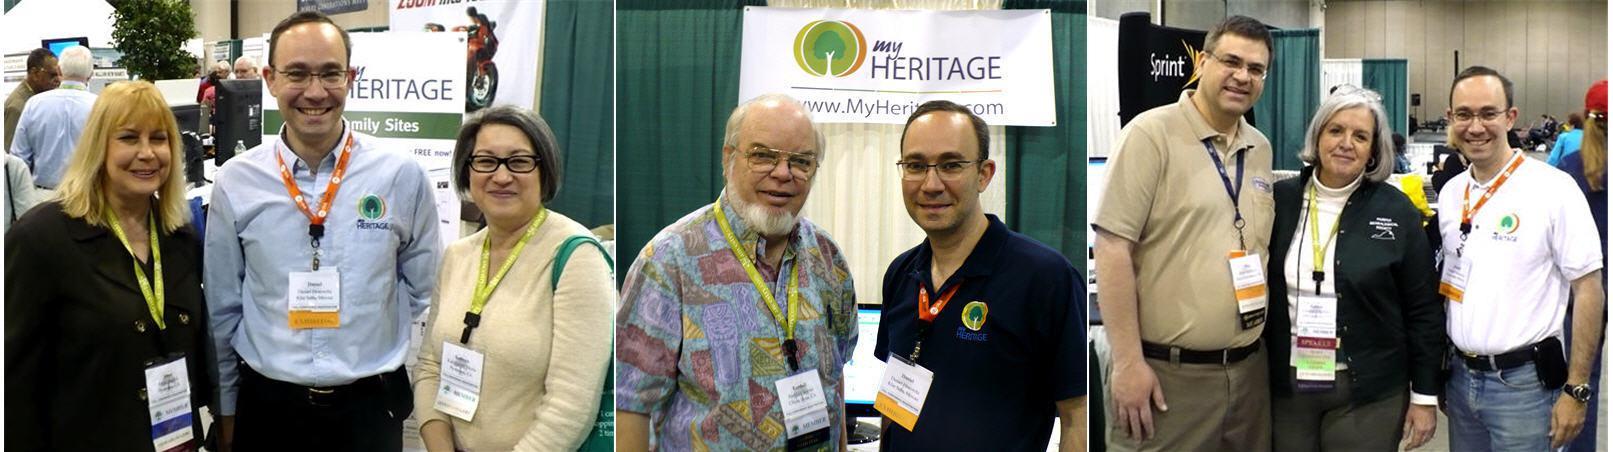 Daniel Horowitz with Genealogy blogers